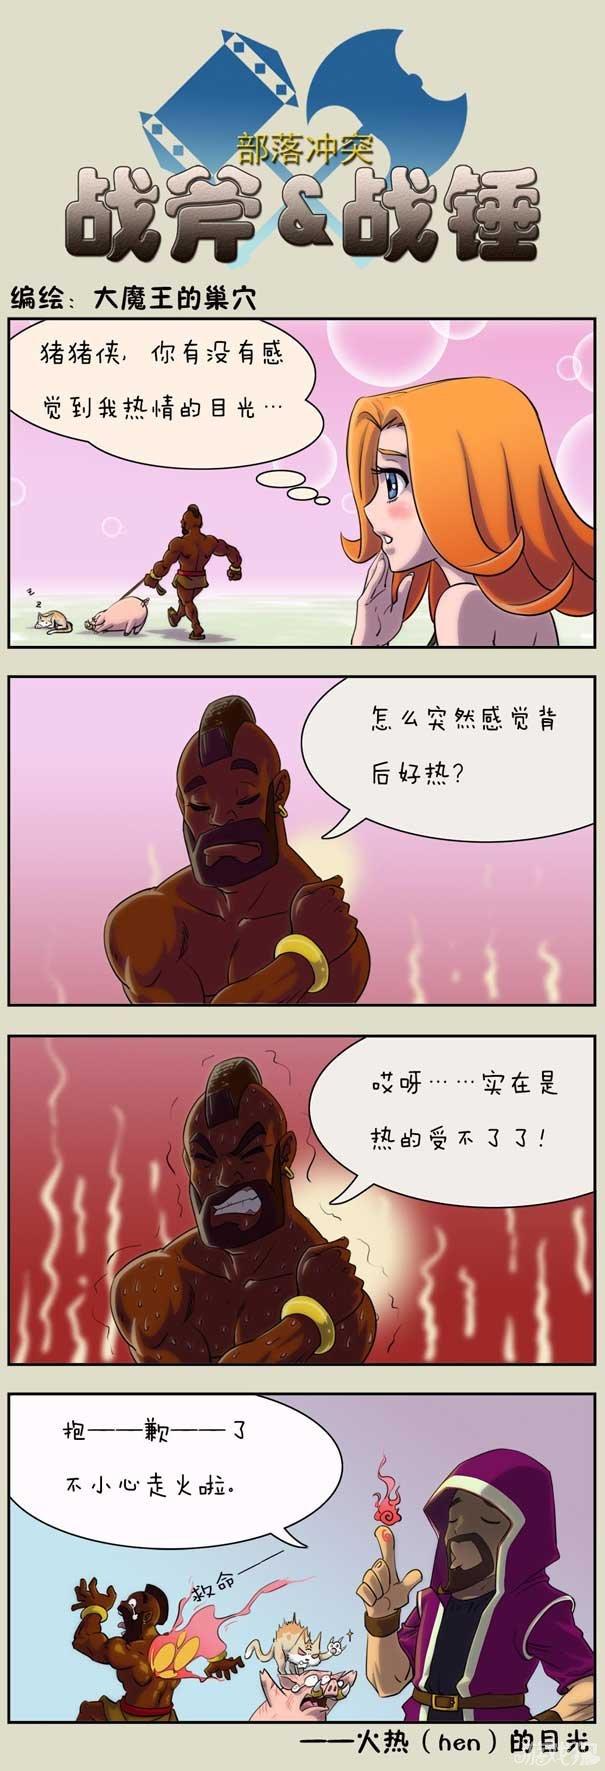 野猪骑士迎来部落战争专期漫画,背后好热 ,本期的COC搞笑漫画带来的是我们可爱的猪猪侠和女武神的故事,在一个充满浪漫的午后,猪骑士遛这小仔,女神从背后投来热情的春波。这时猪侠背后开始发热了,原来是法师的火焰走火。